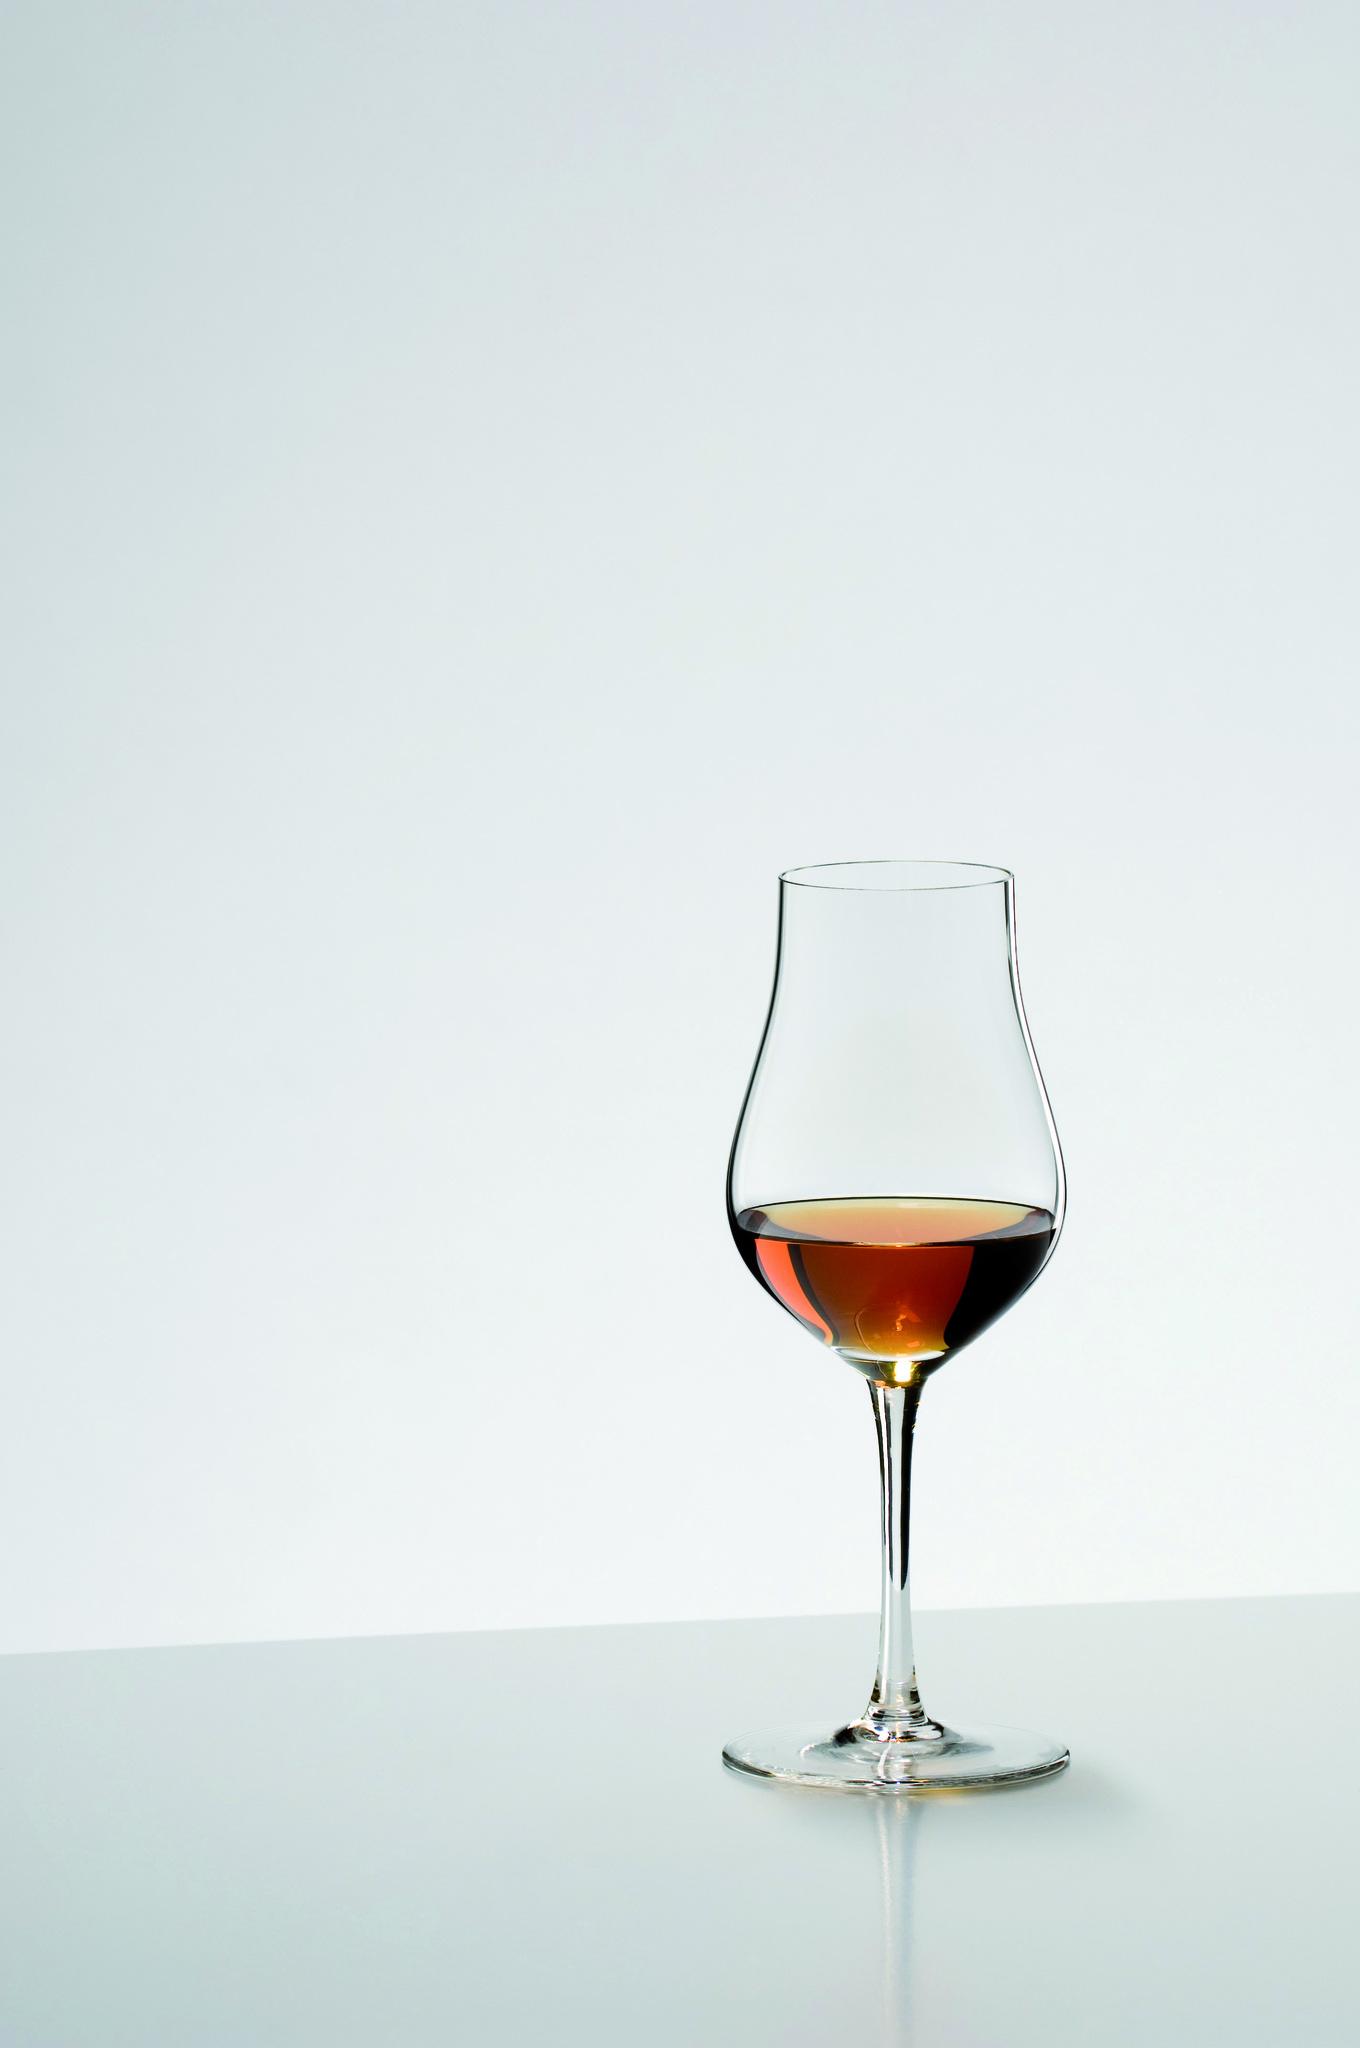 Бокалы Бокал для коньяка 170мл Riedel Sommeliers Destillate Cognac XO bokal-dlya-konyaka-170-ml-riedel-cognac-xo-avstriya.jpg